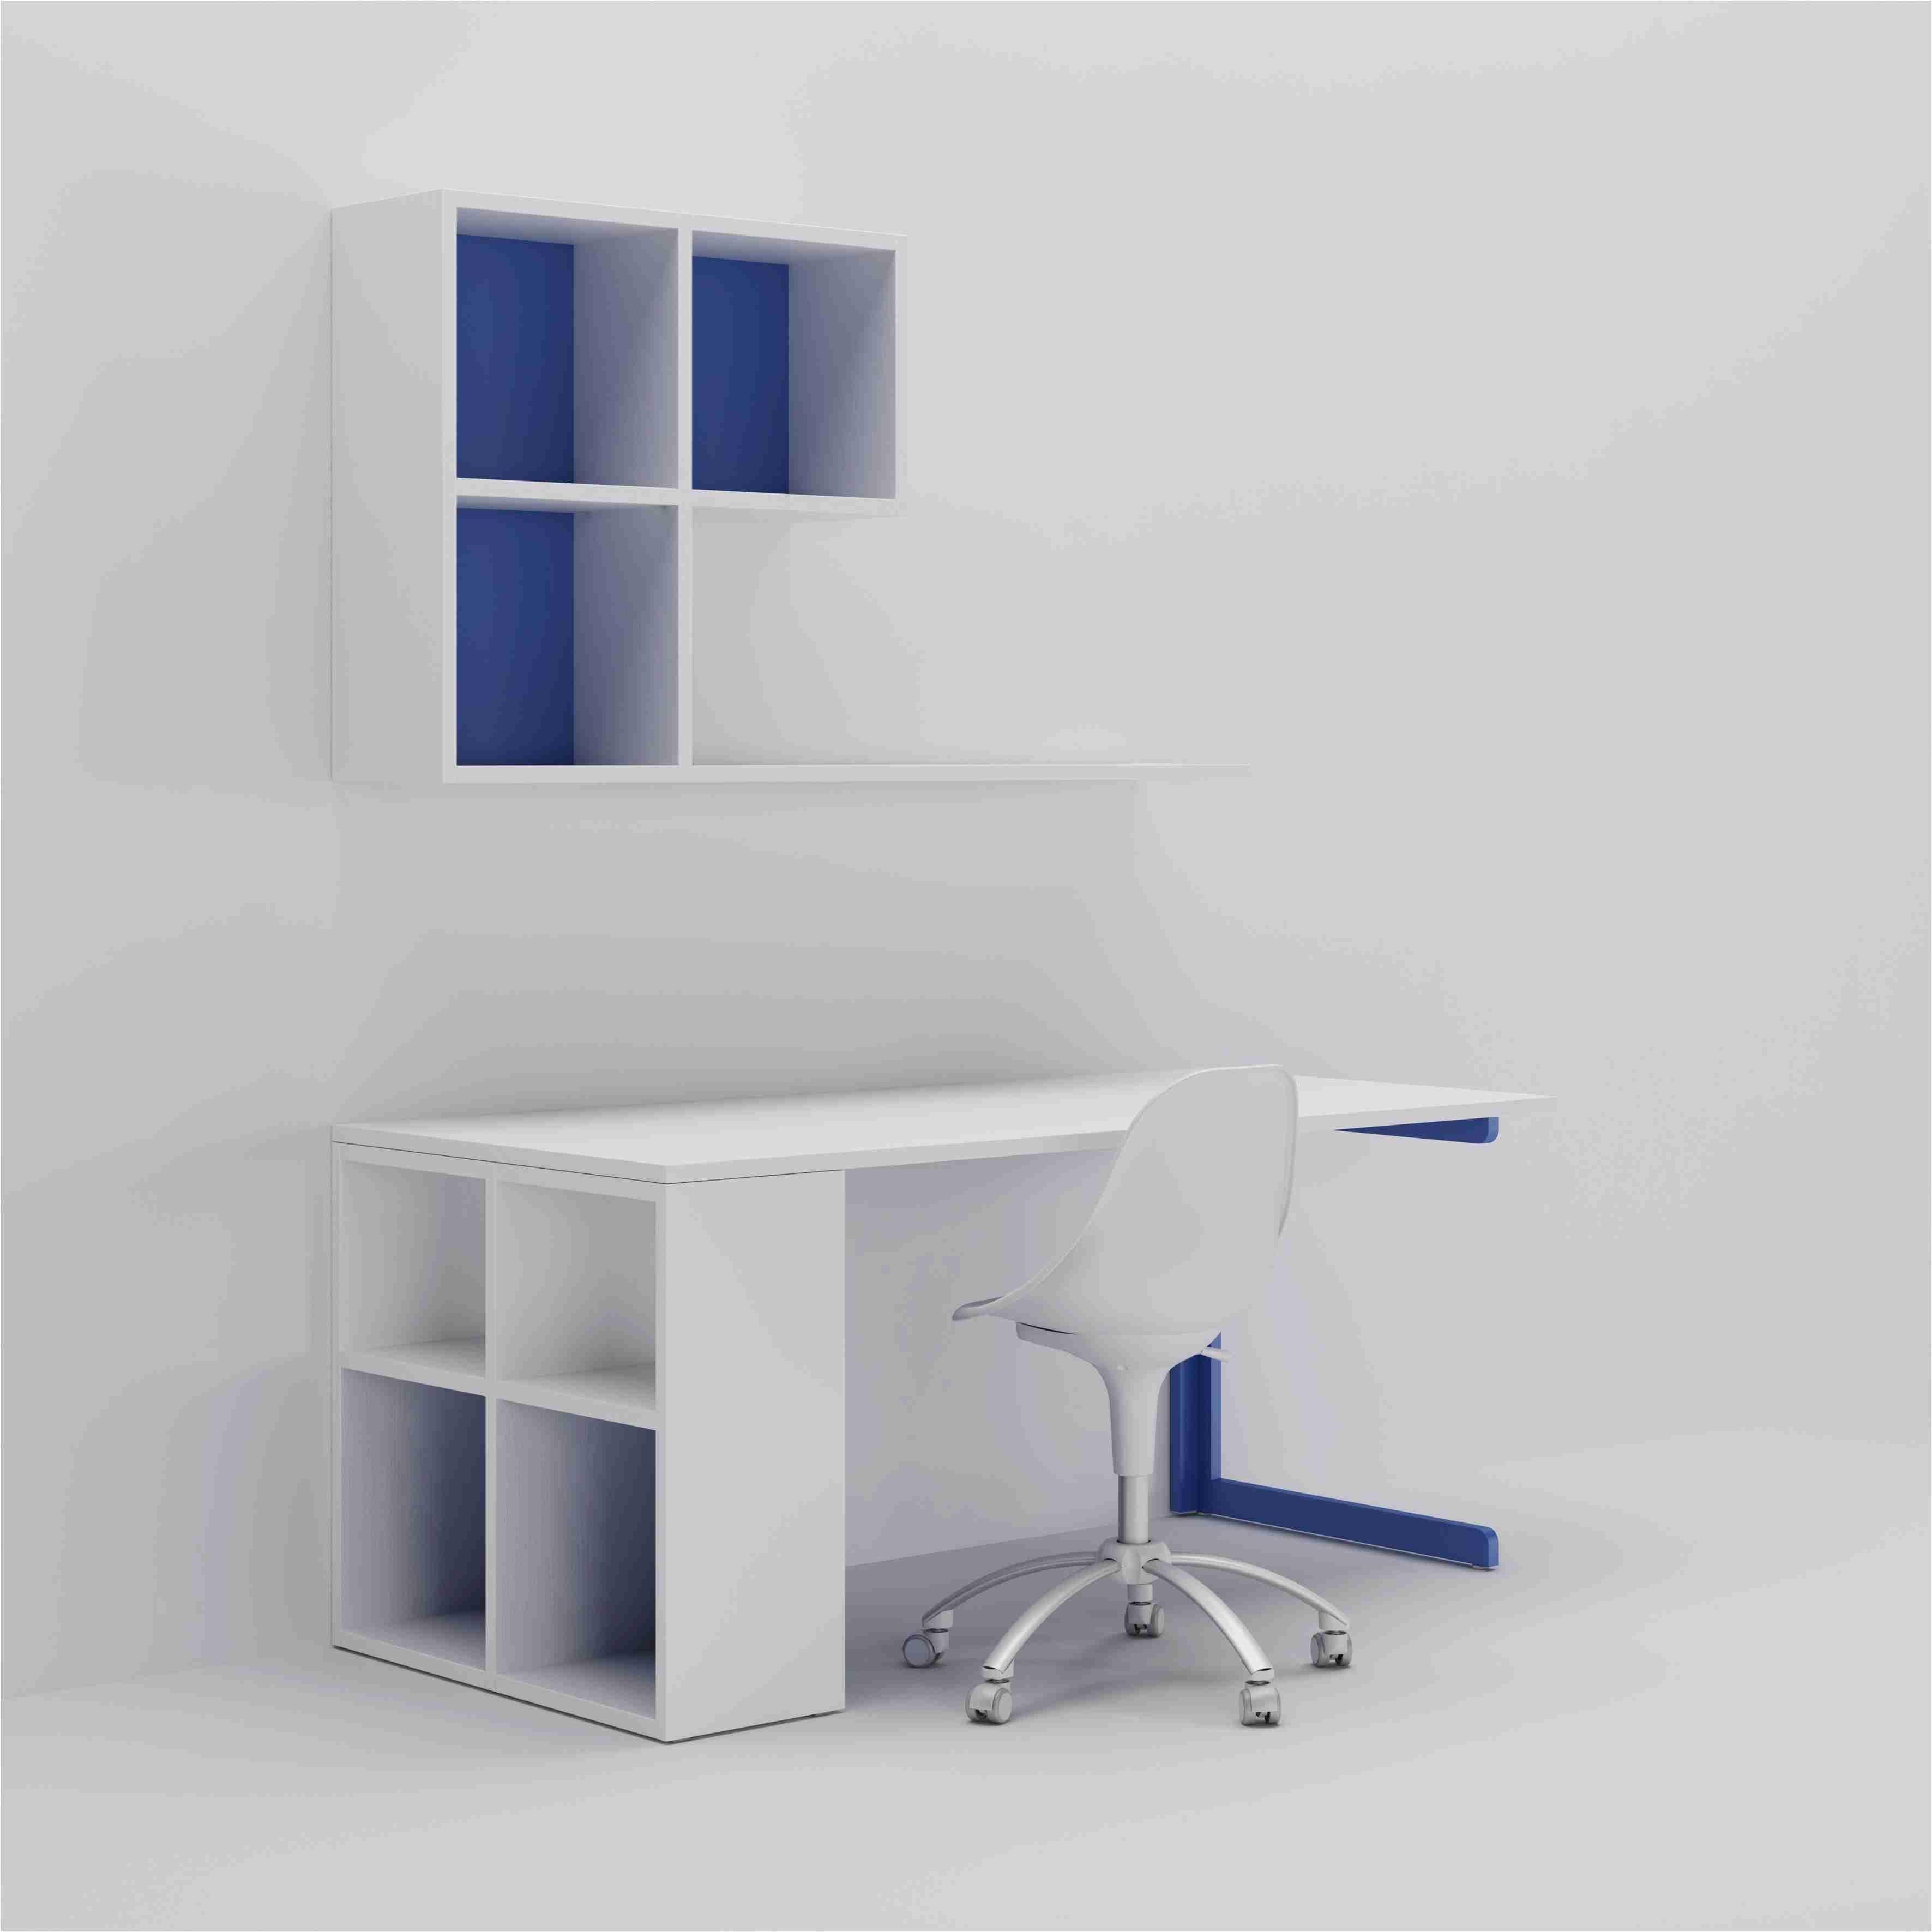 Lit Enfant Empilable Douce Ikea Chaise Enfant Magnifique Bureau Fille Chaise De Junior Beau